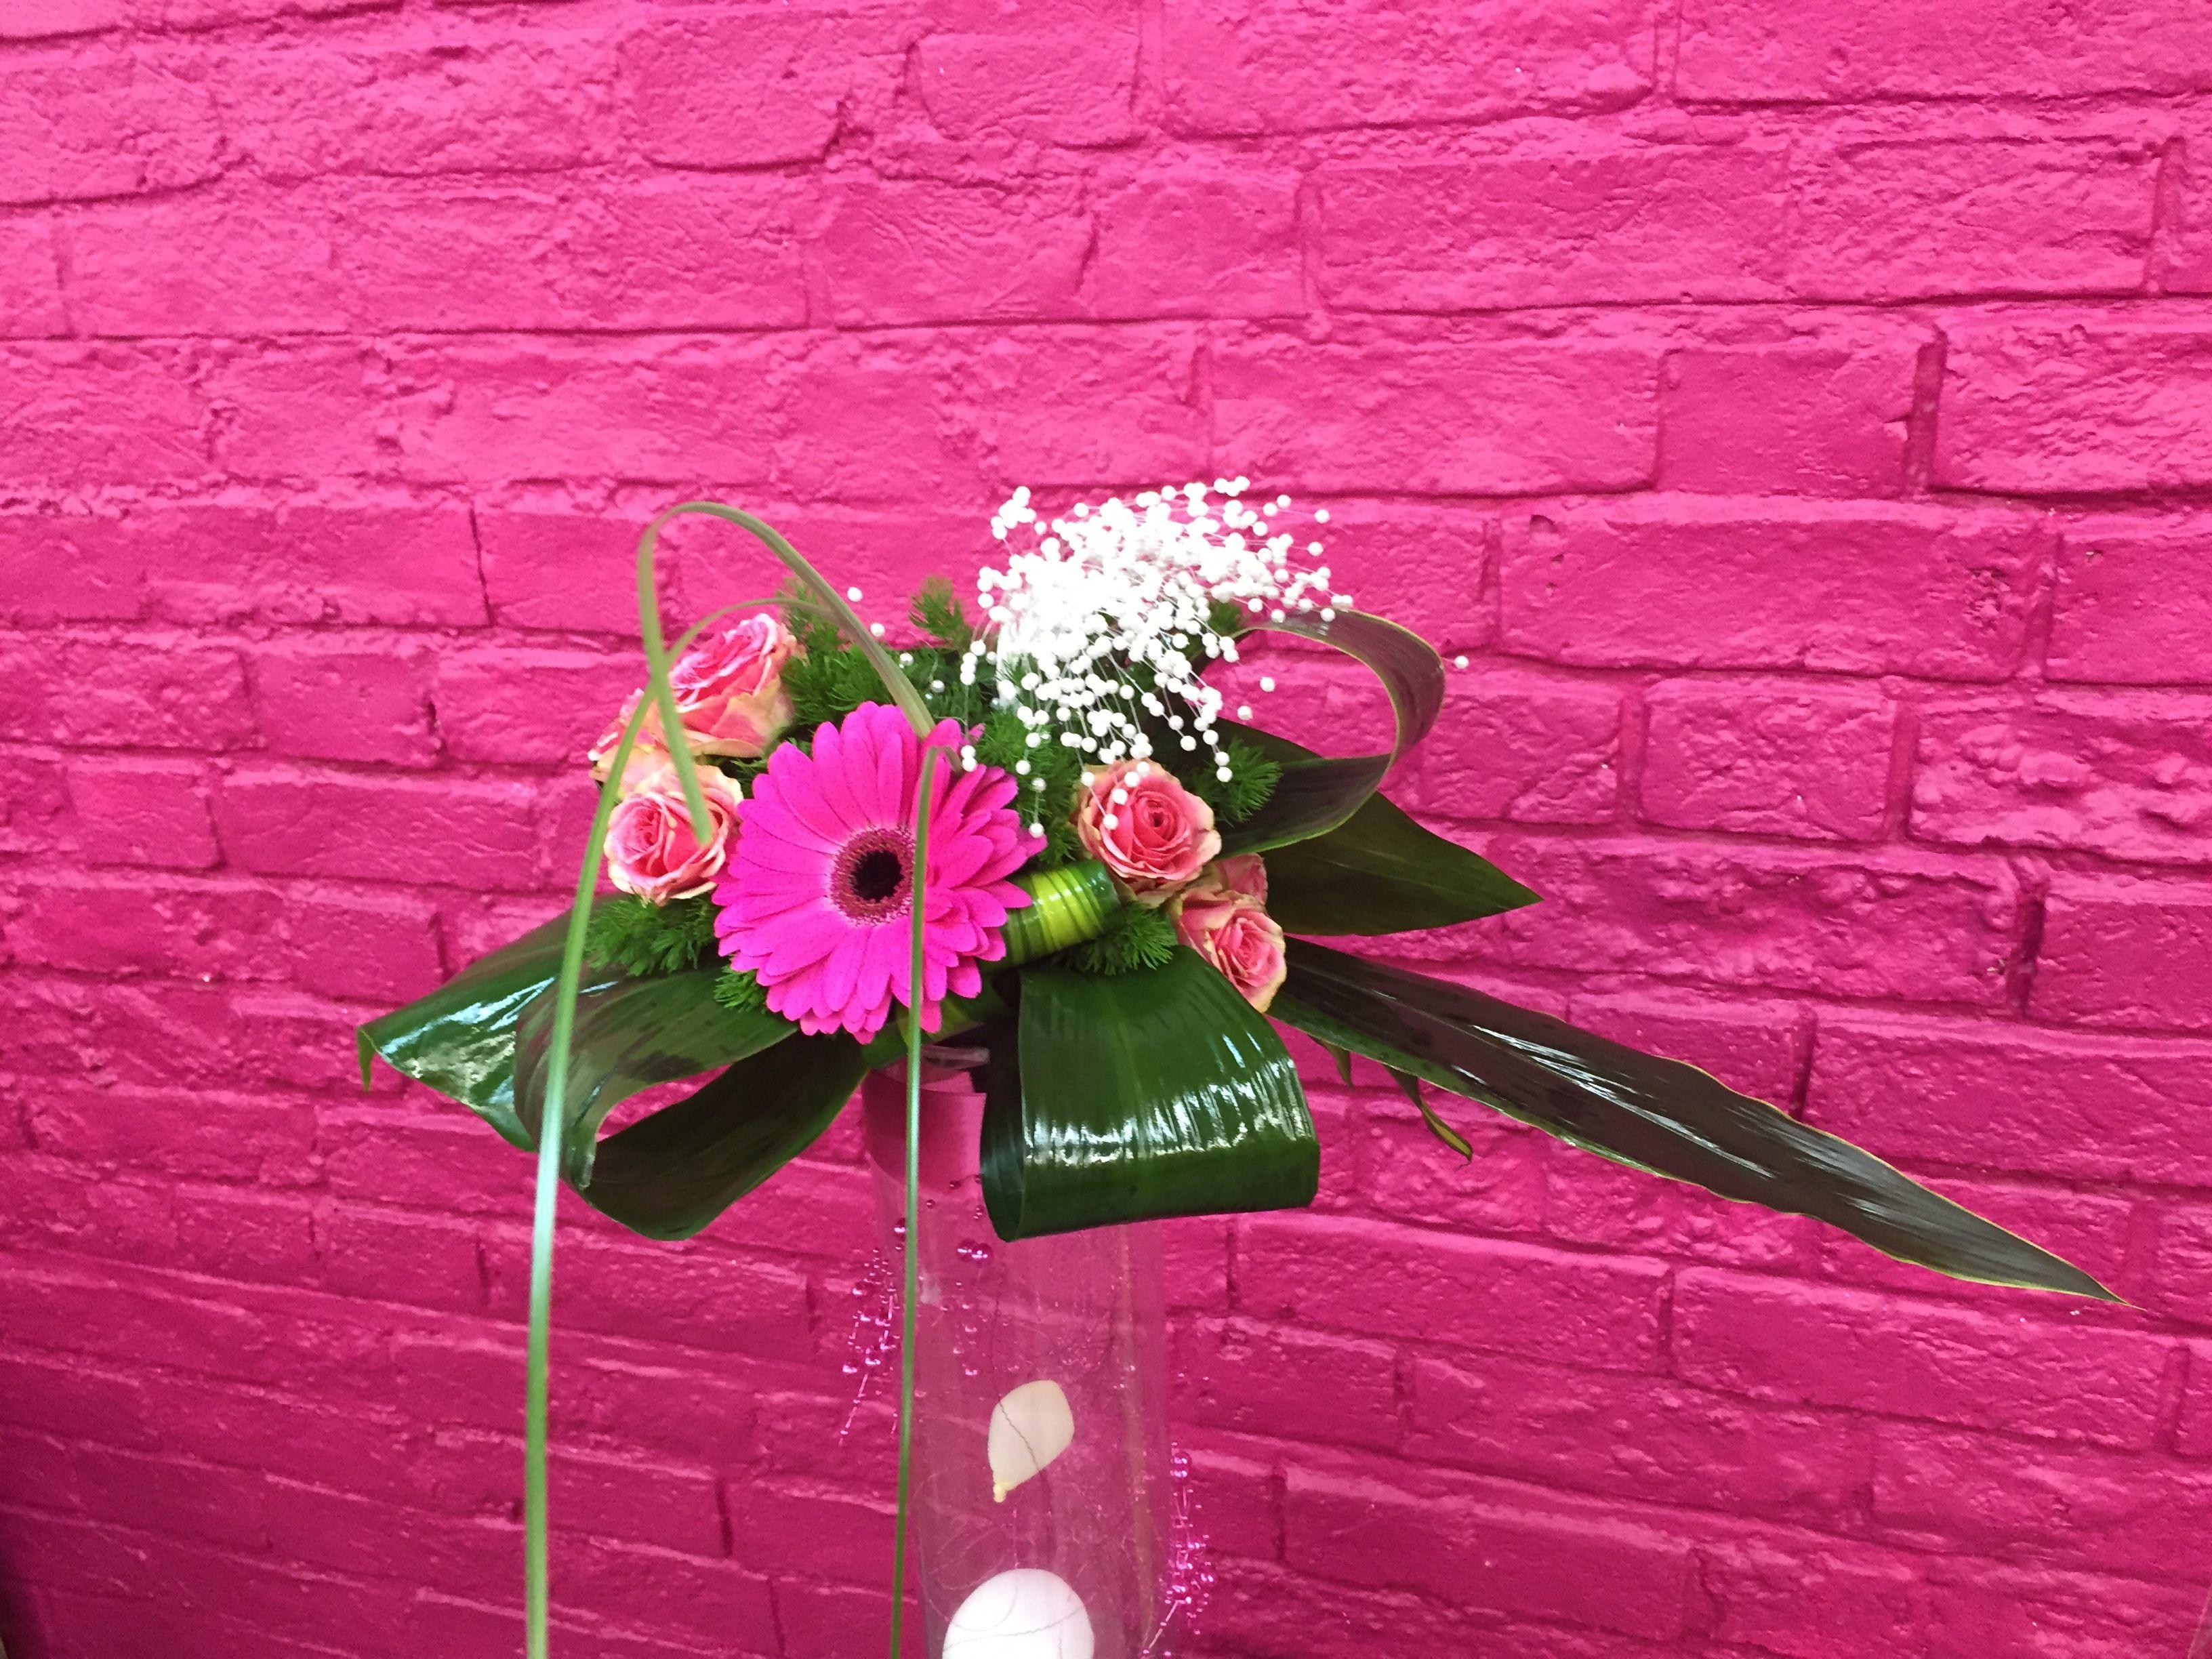 Charity Event Ascot Flowers Blossoms Bloemen Flower